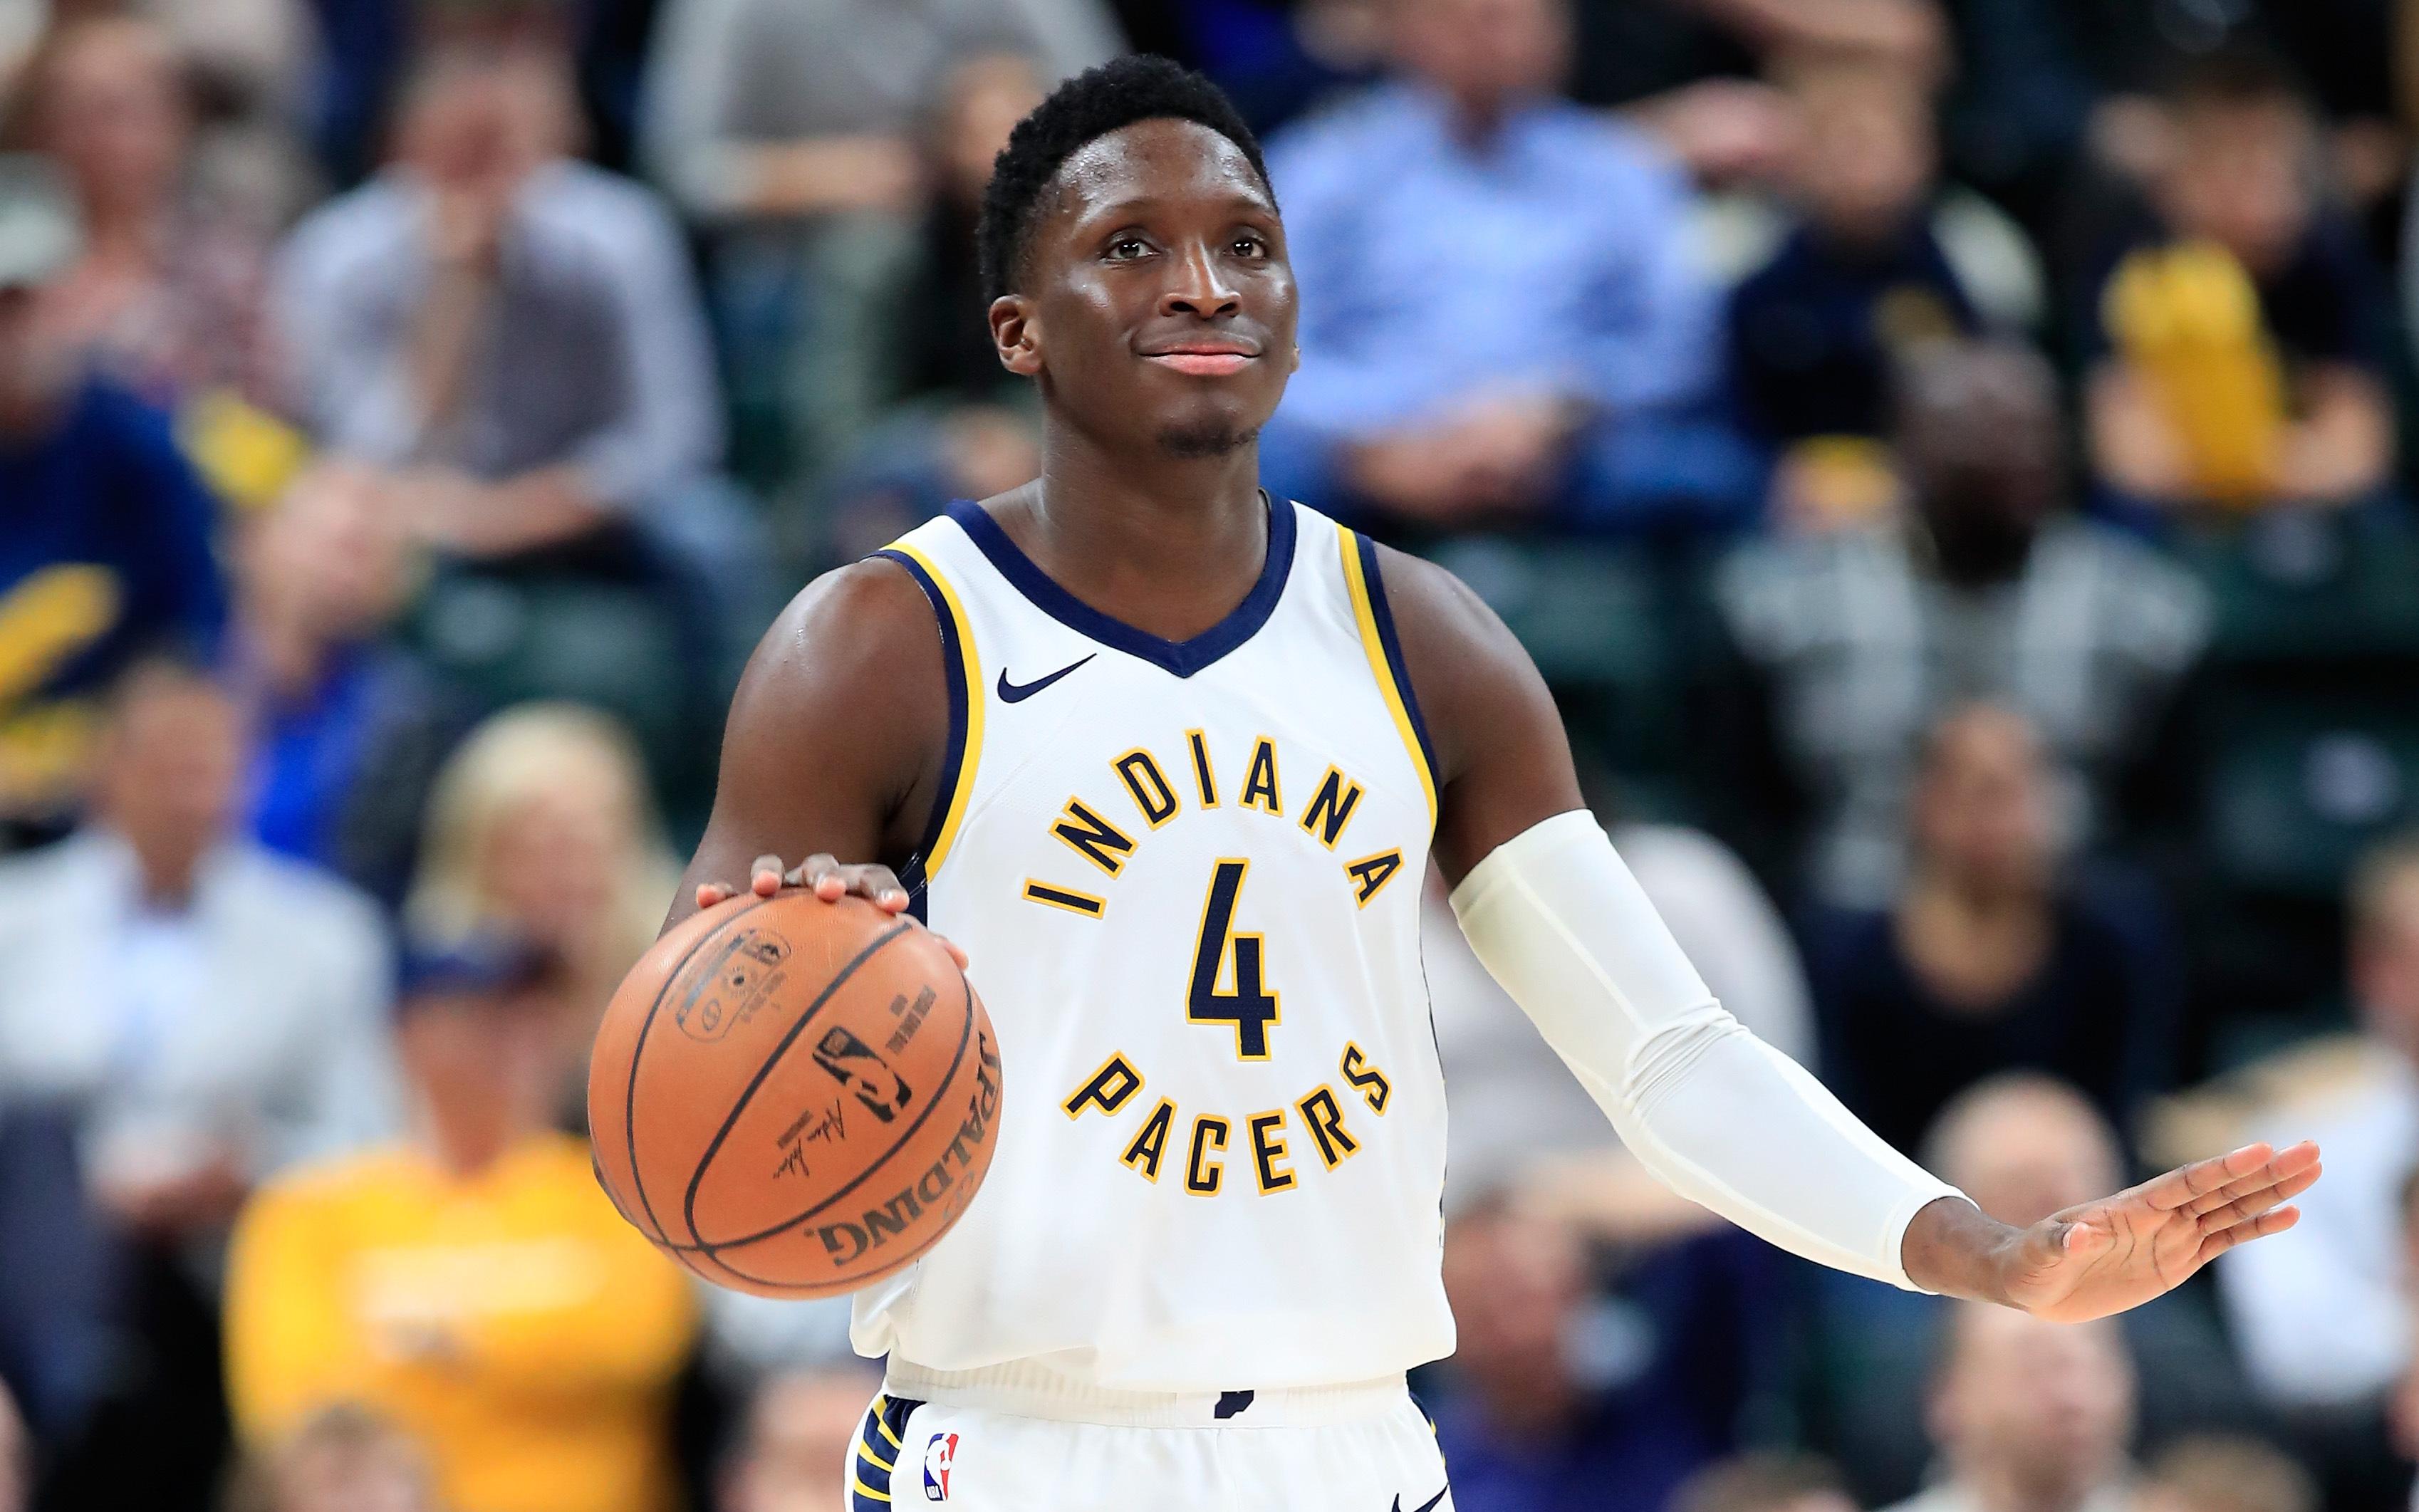 Lo cho sự nghiệp trong tương lai, sao bóng rổ NBA tuyên bố không thi đấu trong phần còn lại của mùa giải